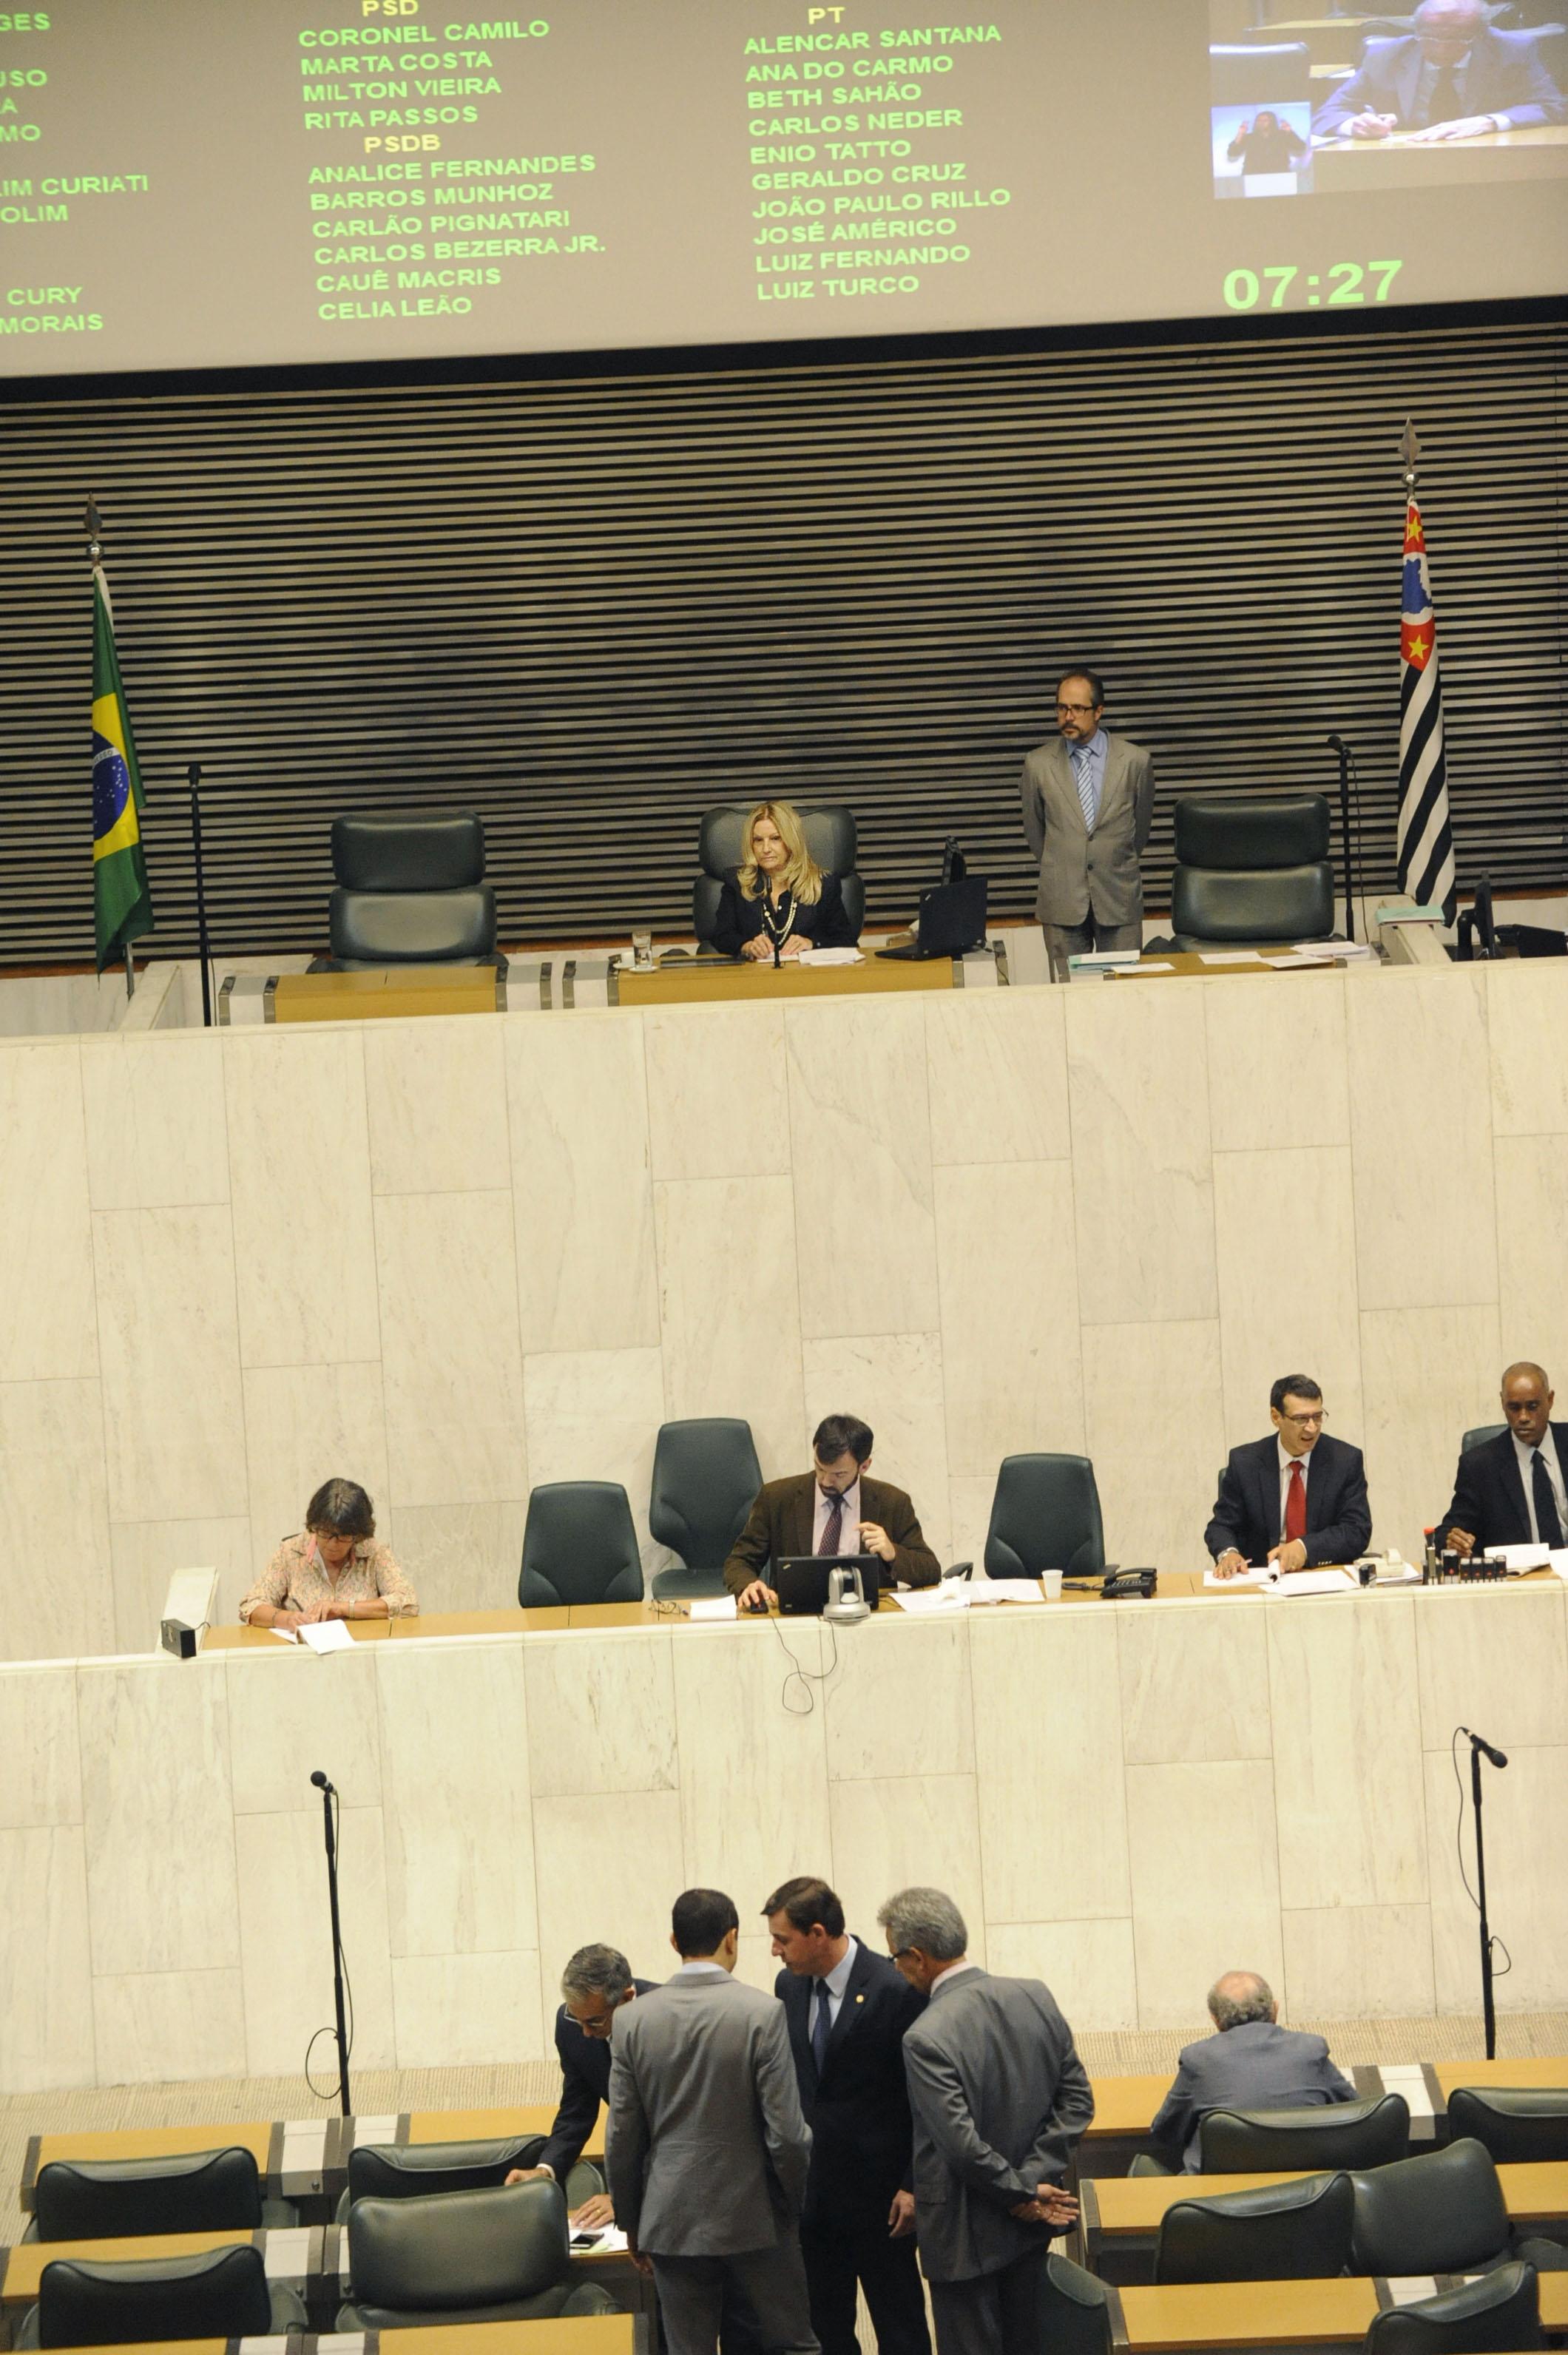 Plenário Jk da Assembleia na tarde desta quarta-feira, 20/5 <a style='float:right' href='https://www3.al.sp.gov.br/repositorio/noticia/N-05-2015/fg170592.jpg' target=_blank><img src='/_img/material-file-download-white.png' width='14px' alt='Clique para baixar a imagem'></a>